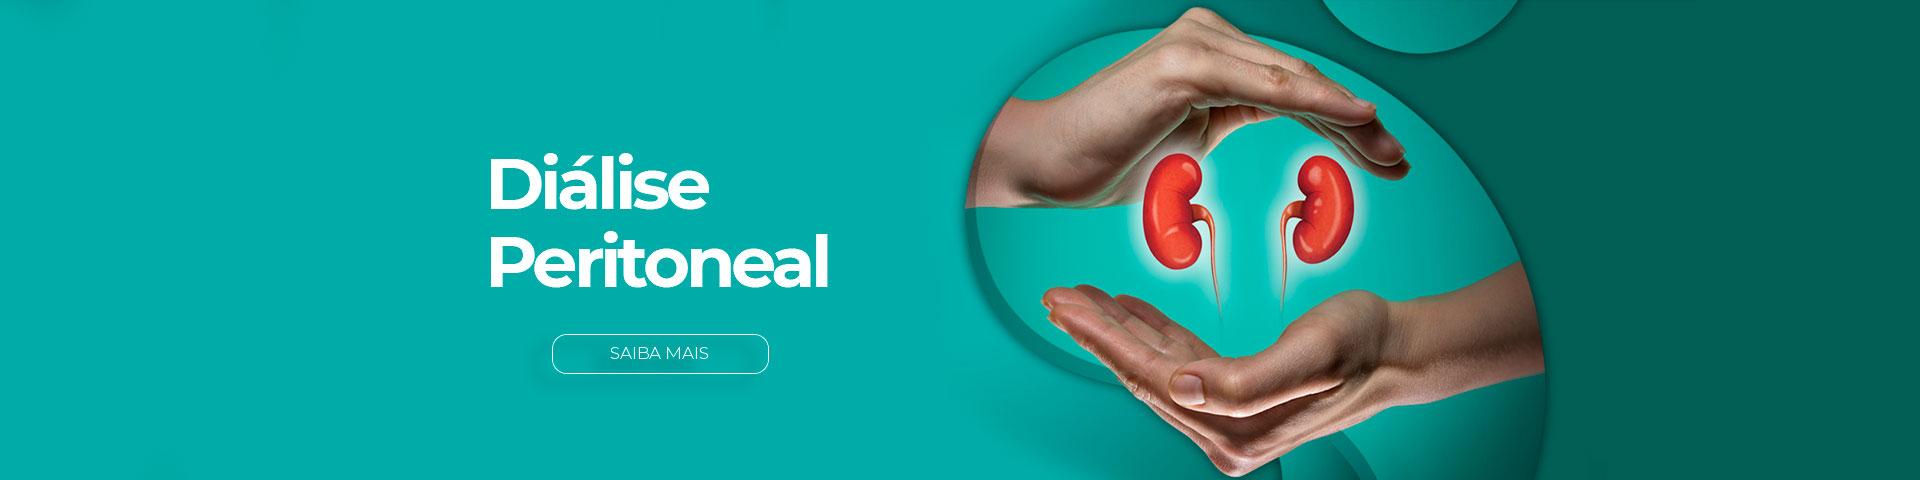 Diálise Peritoneal | Chocair Médicos